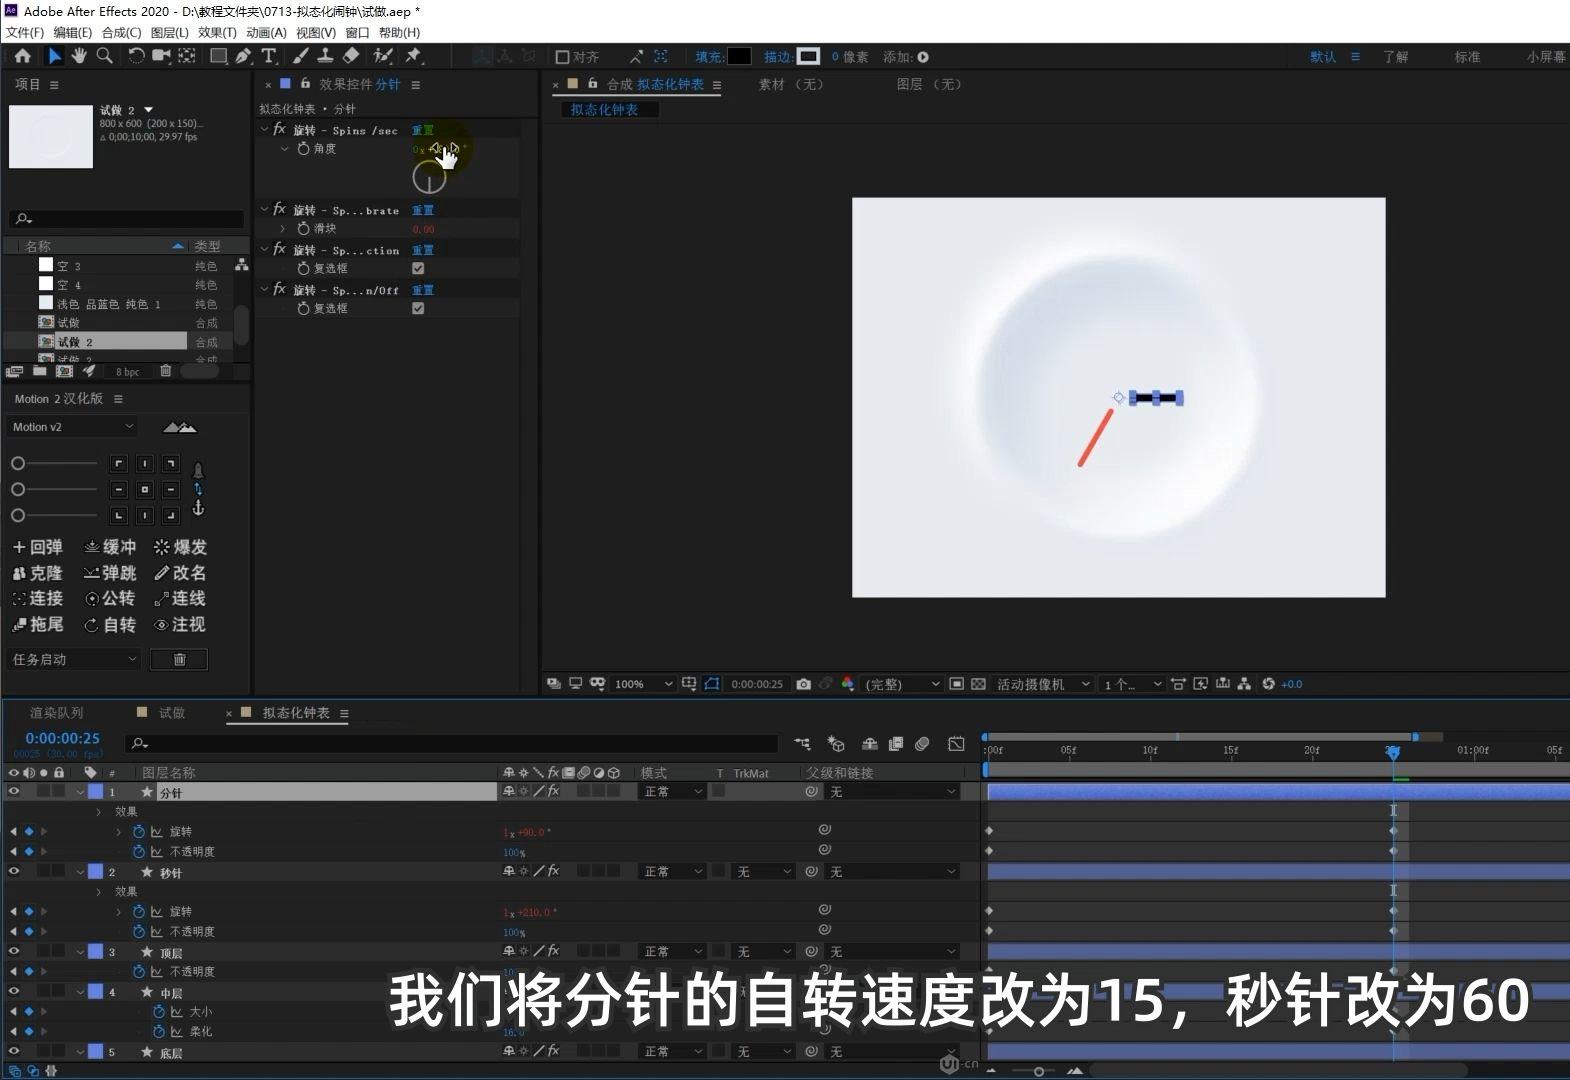 AE设计拟态化风格UI动效(6)